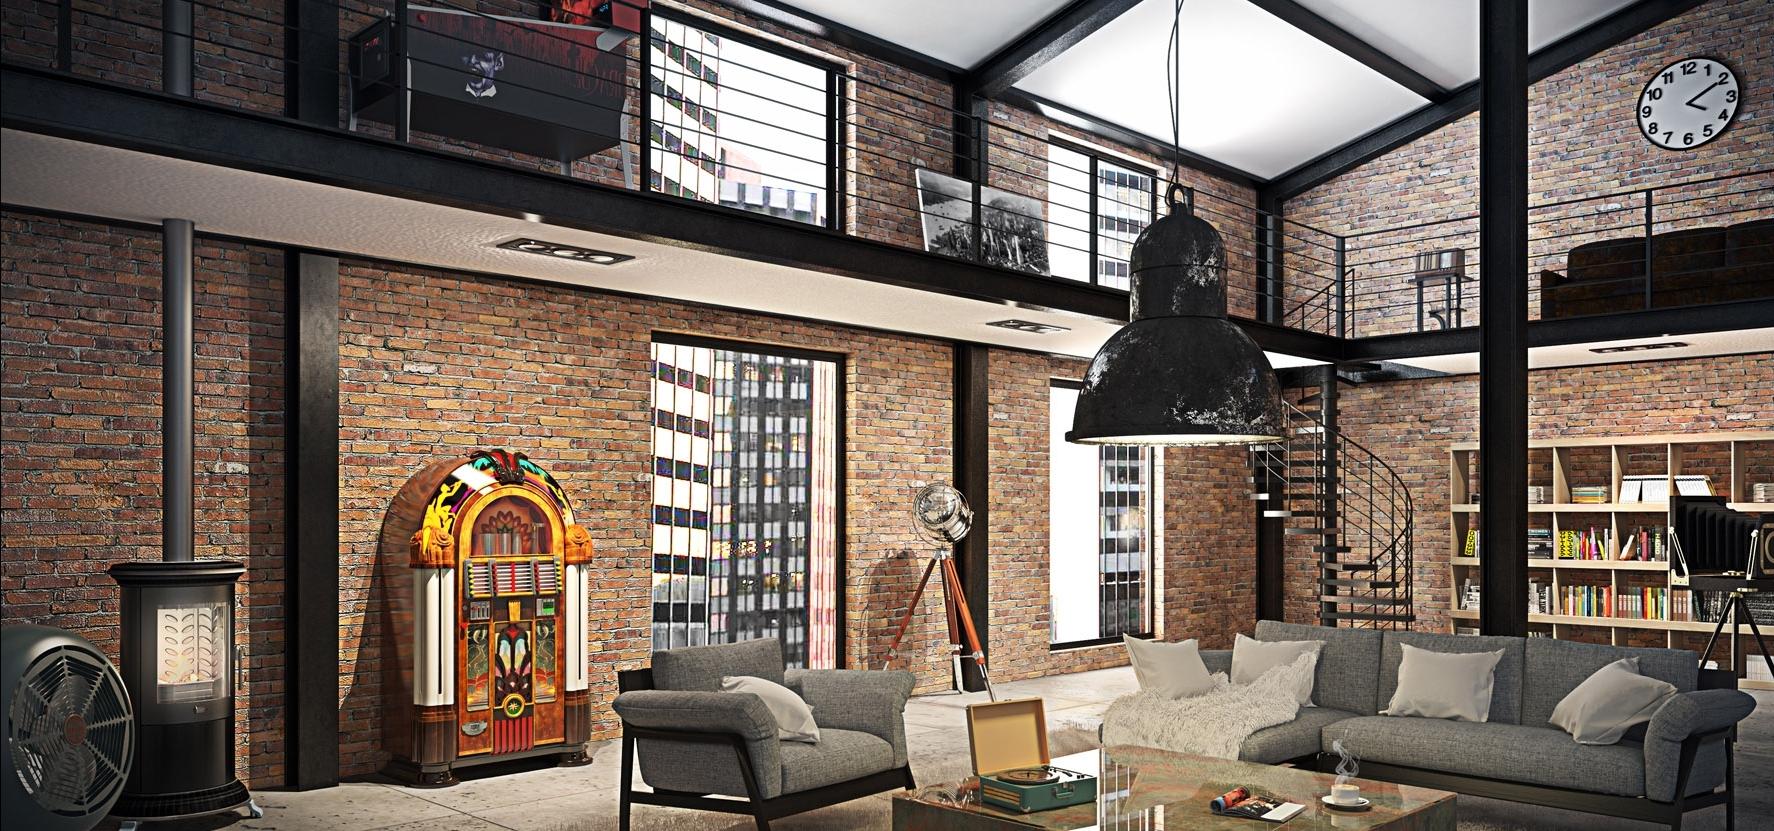 décoration brique rouge style loft new yorkais